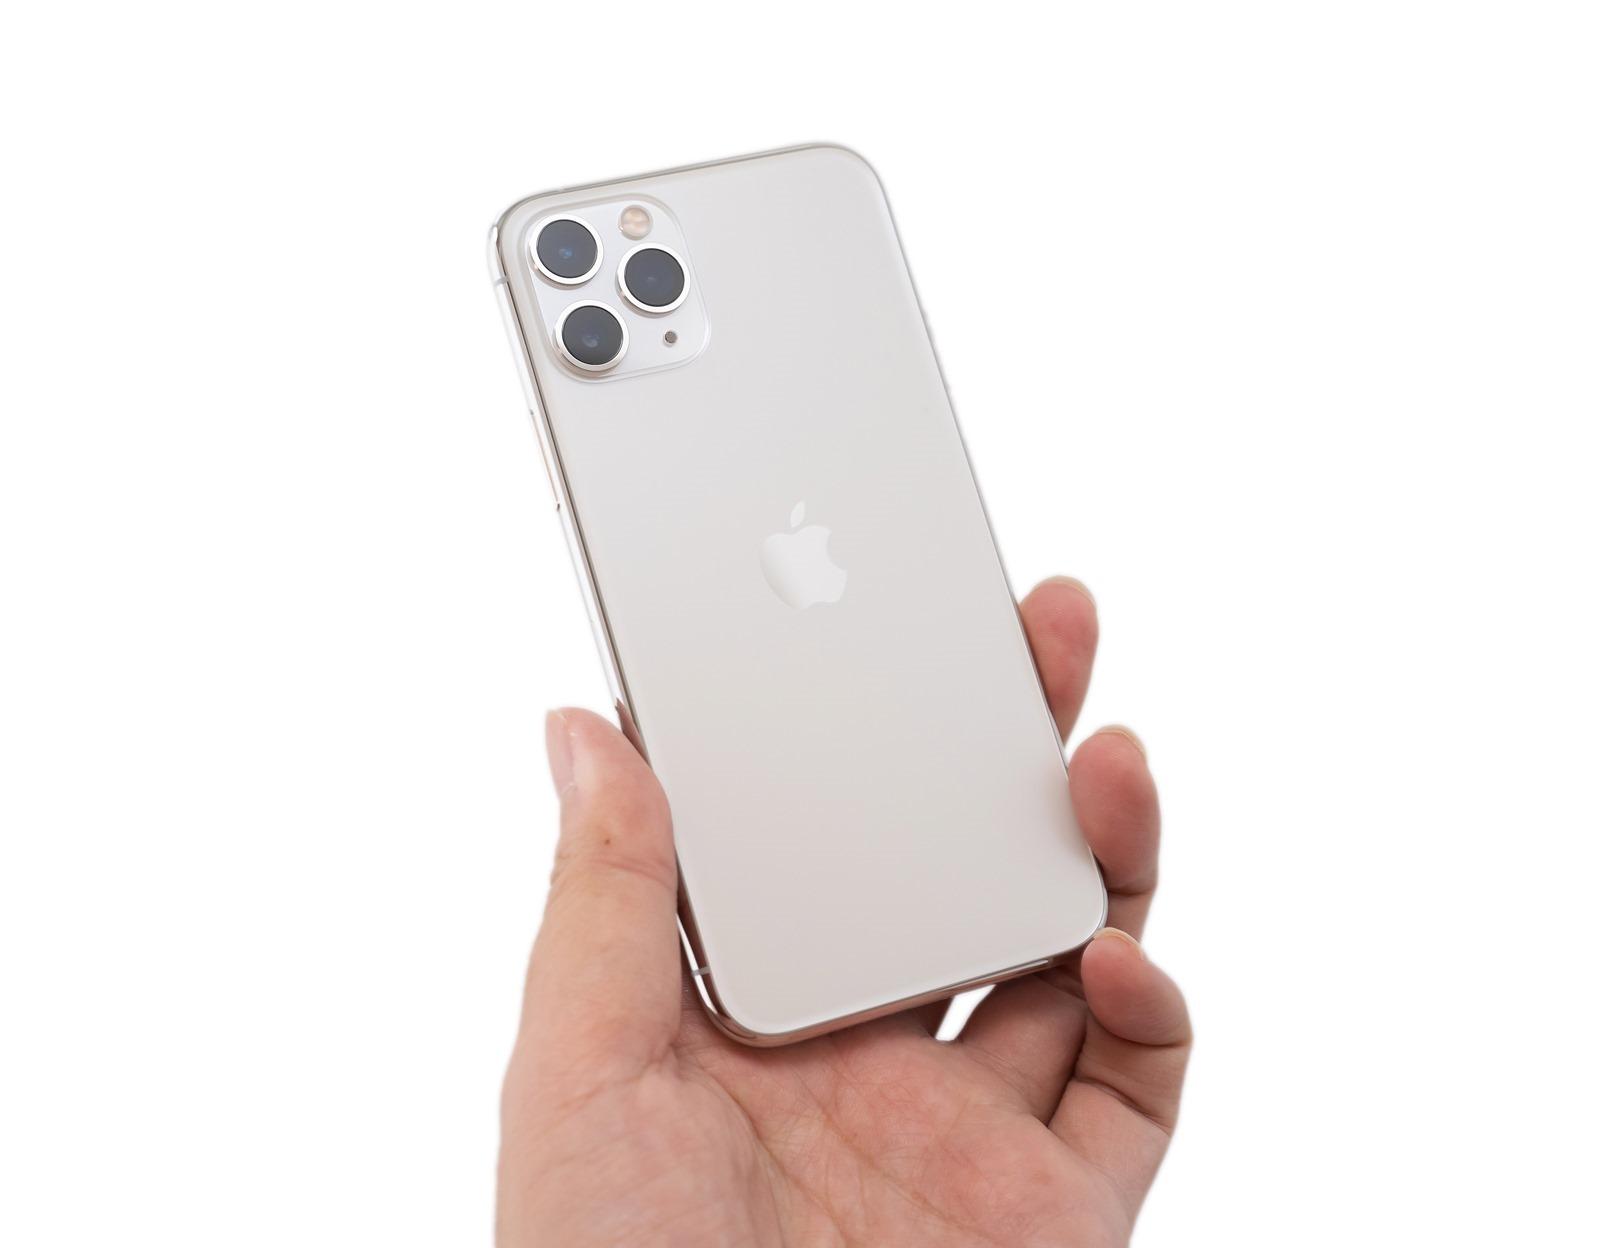 實體雙卡就是讚!港版 iPhone 11 Pro 入手銀色開箱 + 港版雙卡 iPhone 常見問題解答 – 3C 達人廖阿輝